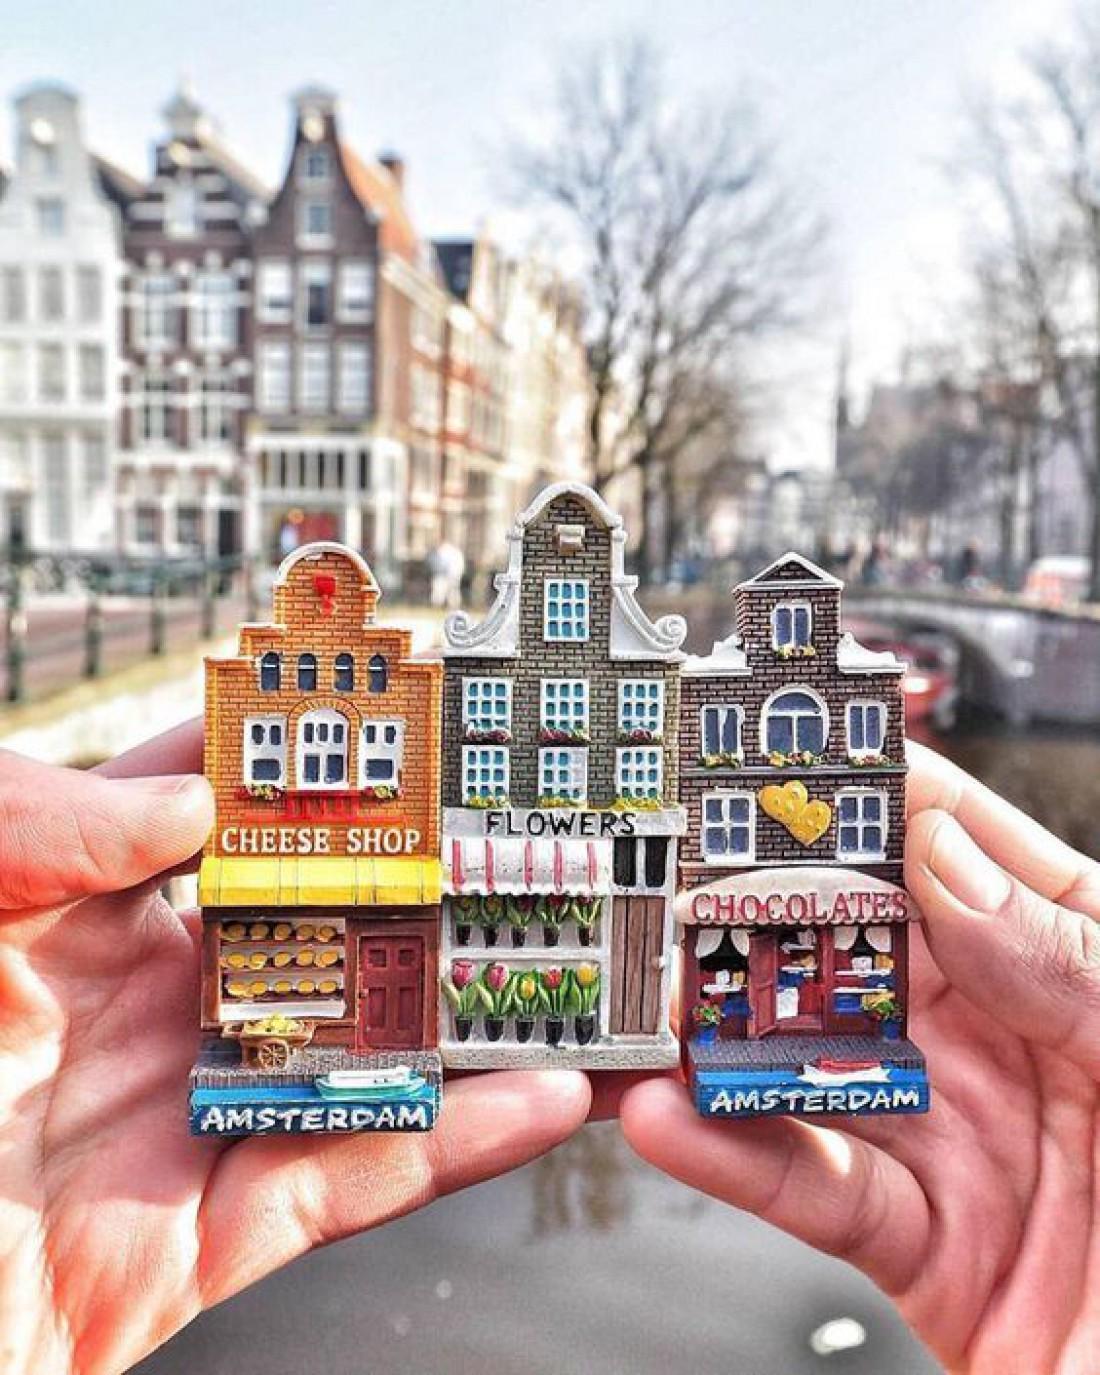 Город органичного слияния: Амстердам